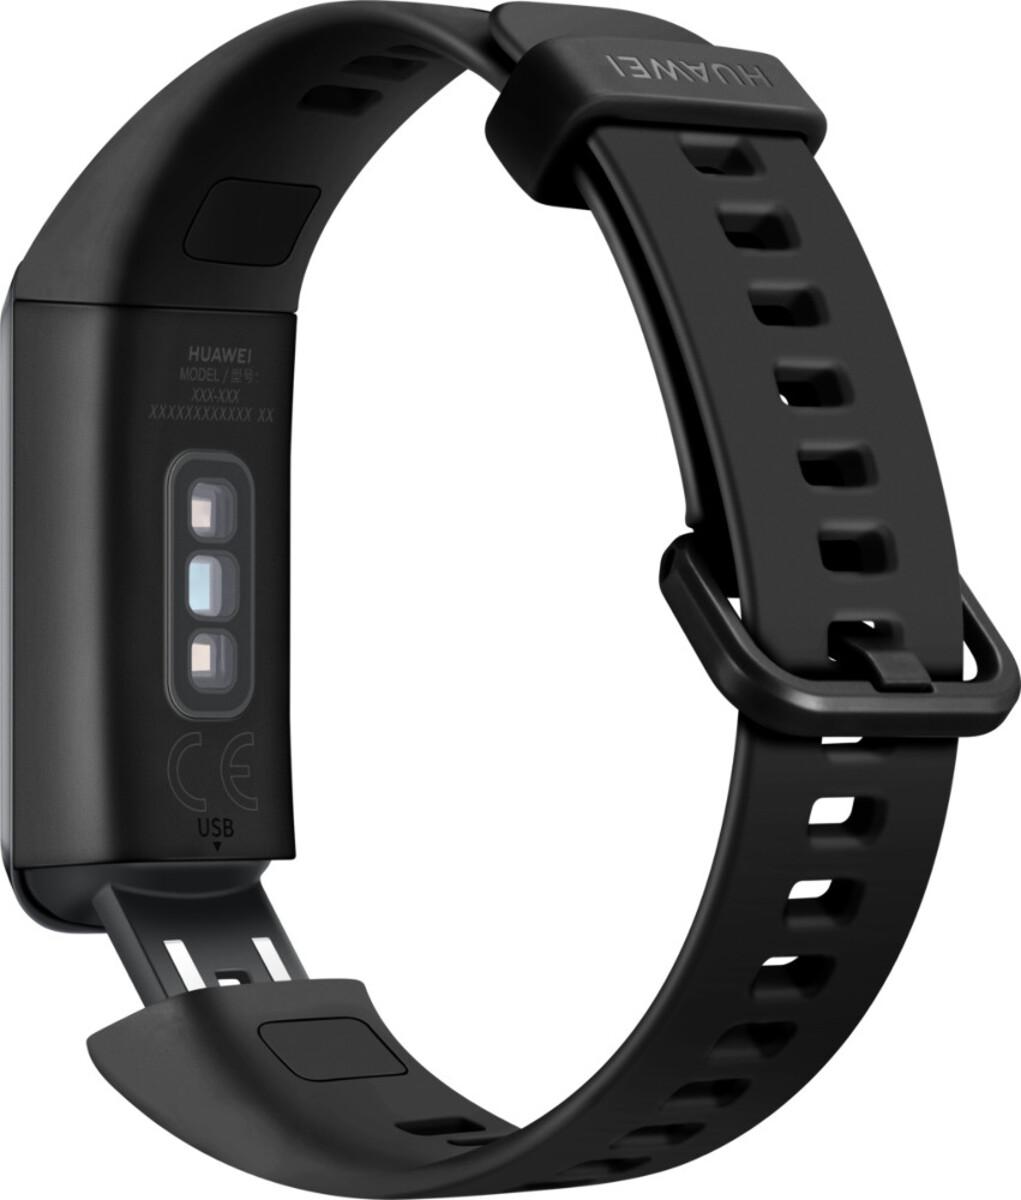 Bild 5 von Huawei Band 4 graphite schwarz Fitness Tracker (Bluetooth 4.2, Schlaf-Monitoring, Herzfrequenzmessung)